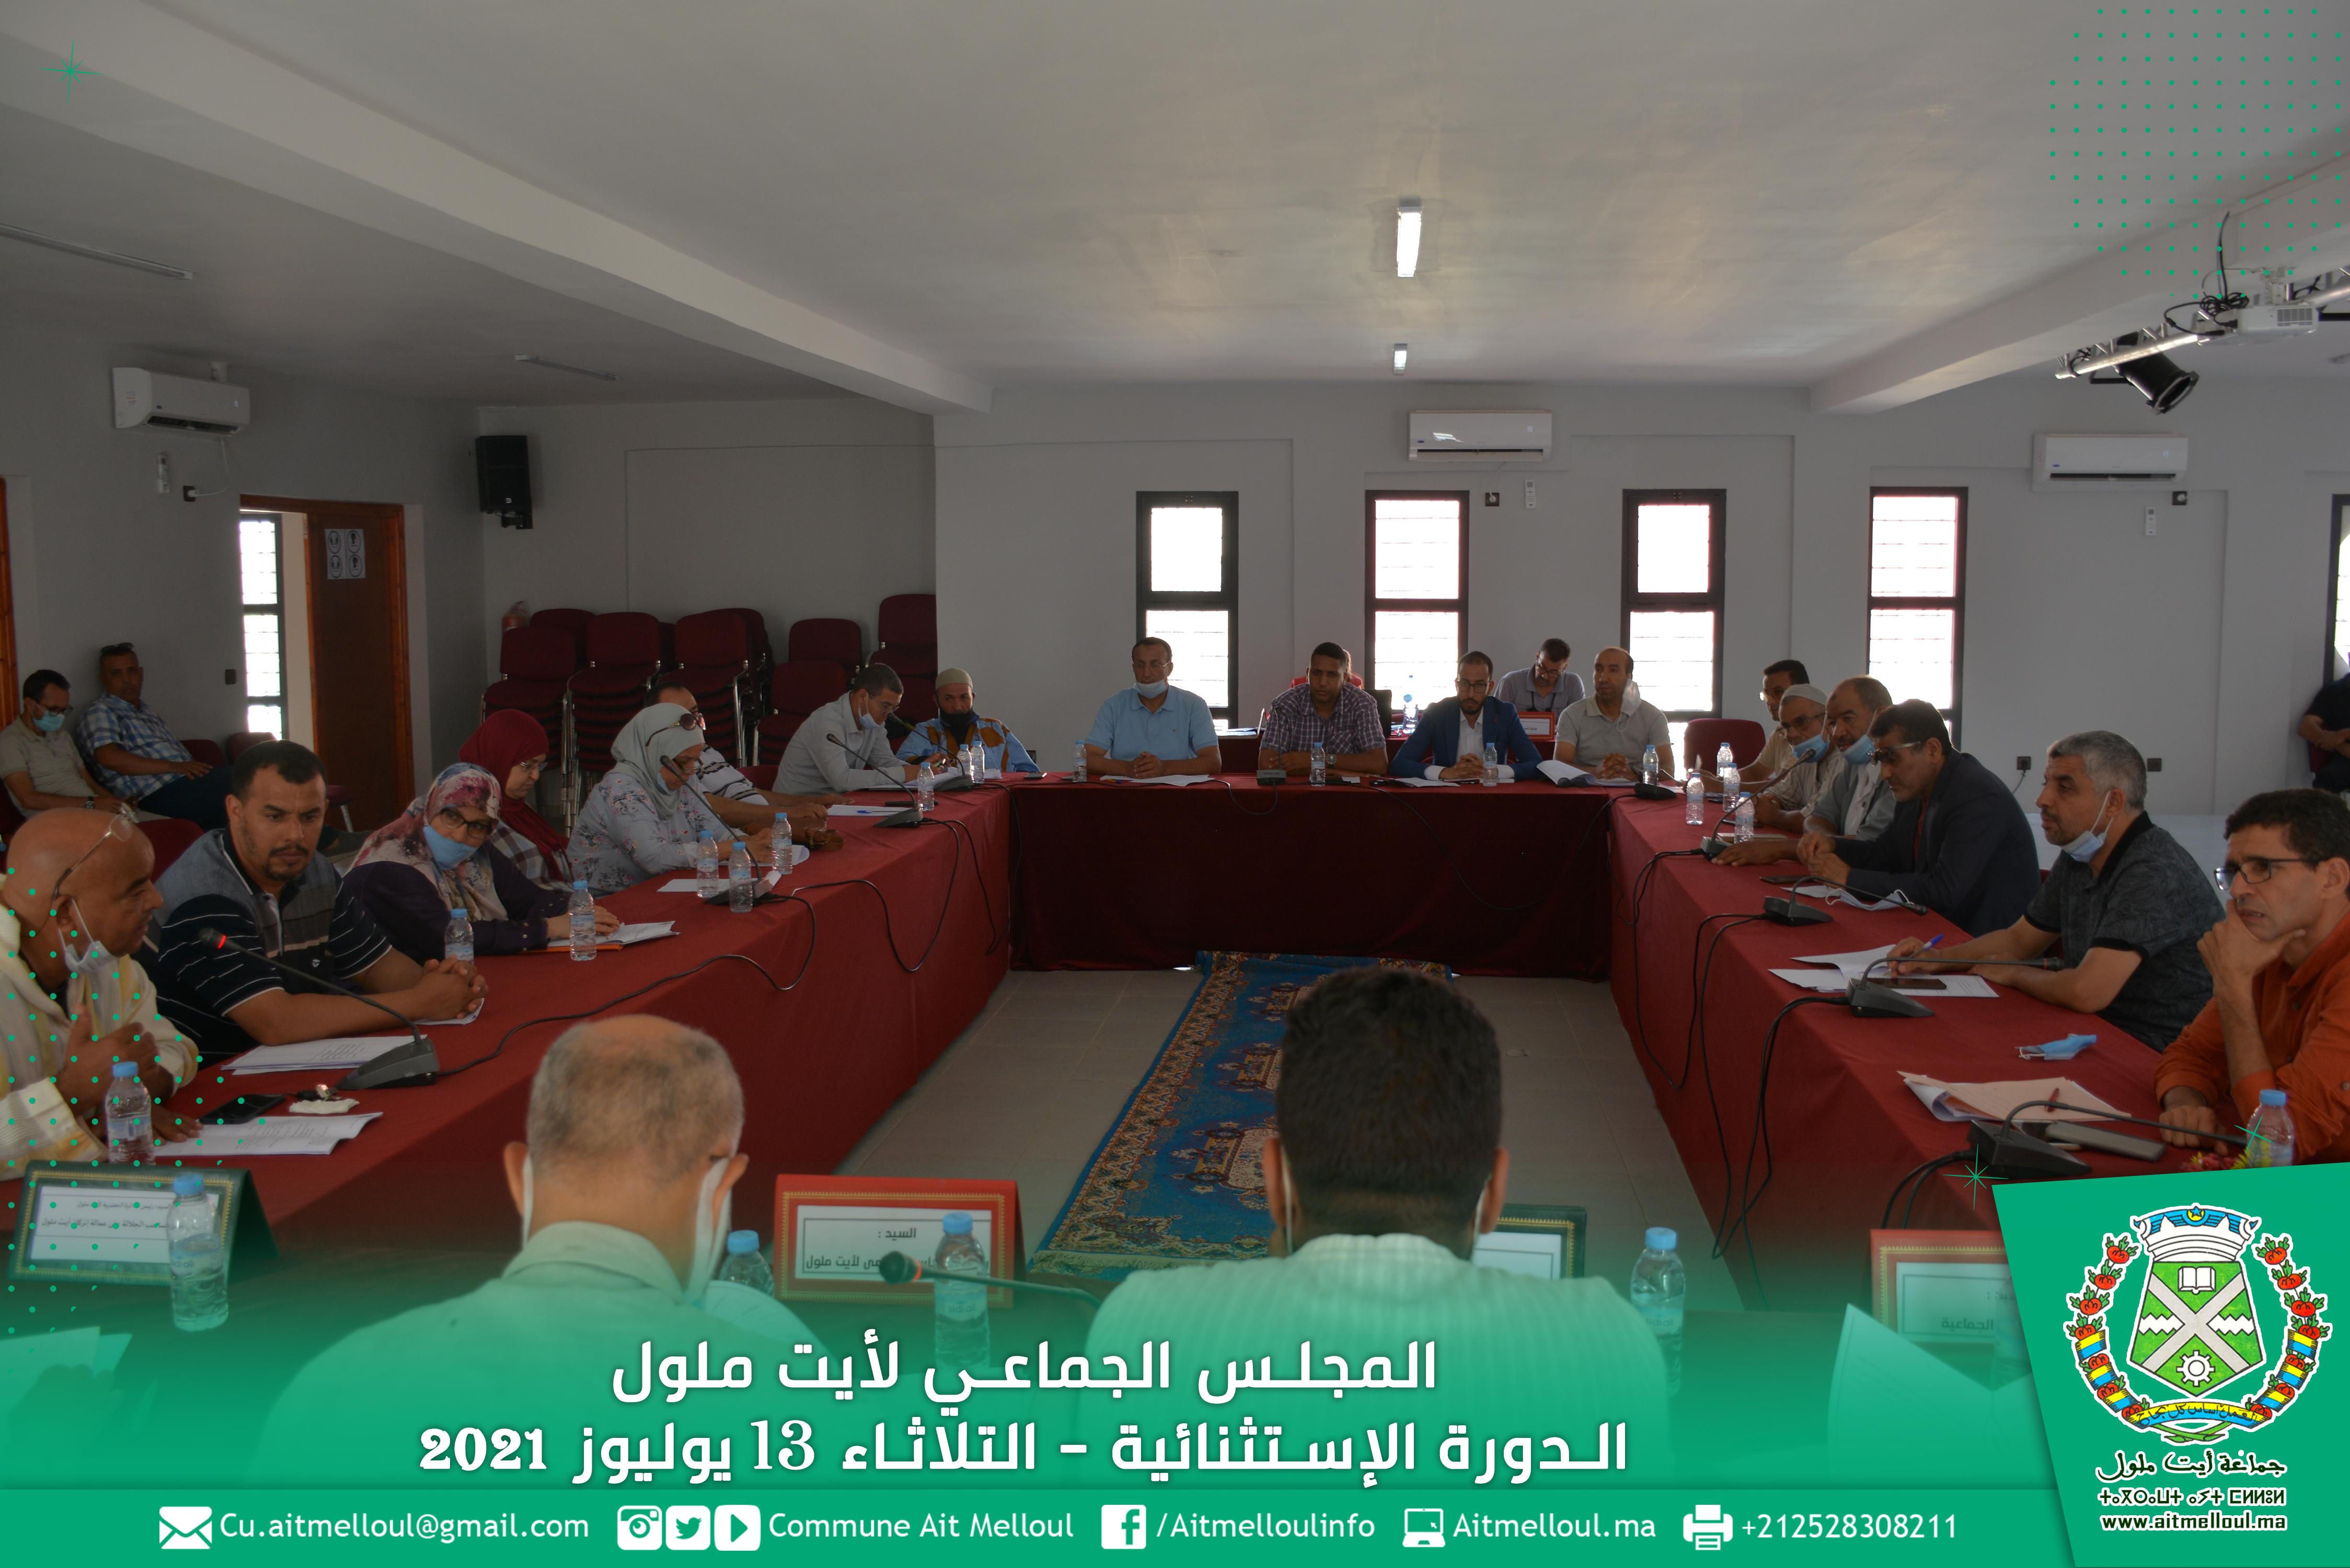 جماعة أيت ملول - المجلس يعقد دورة إستثنائية يومه التلاثاء 13 يوليوز 2021 ويصادق على النقط المدرجة في جدول أعماله